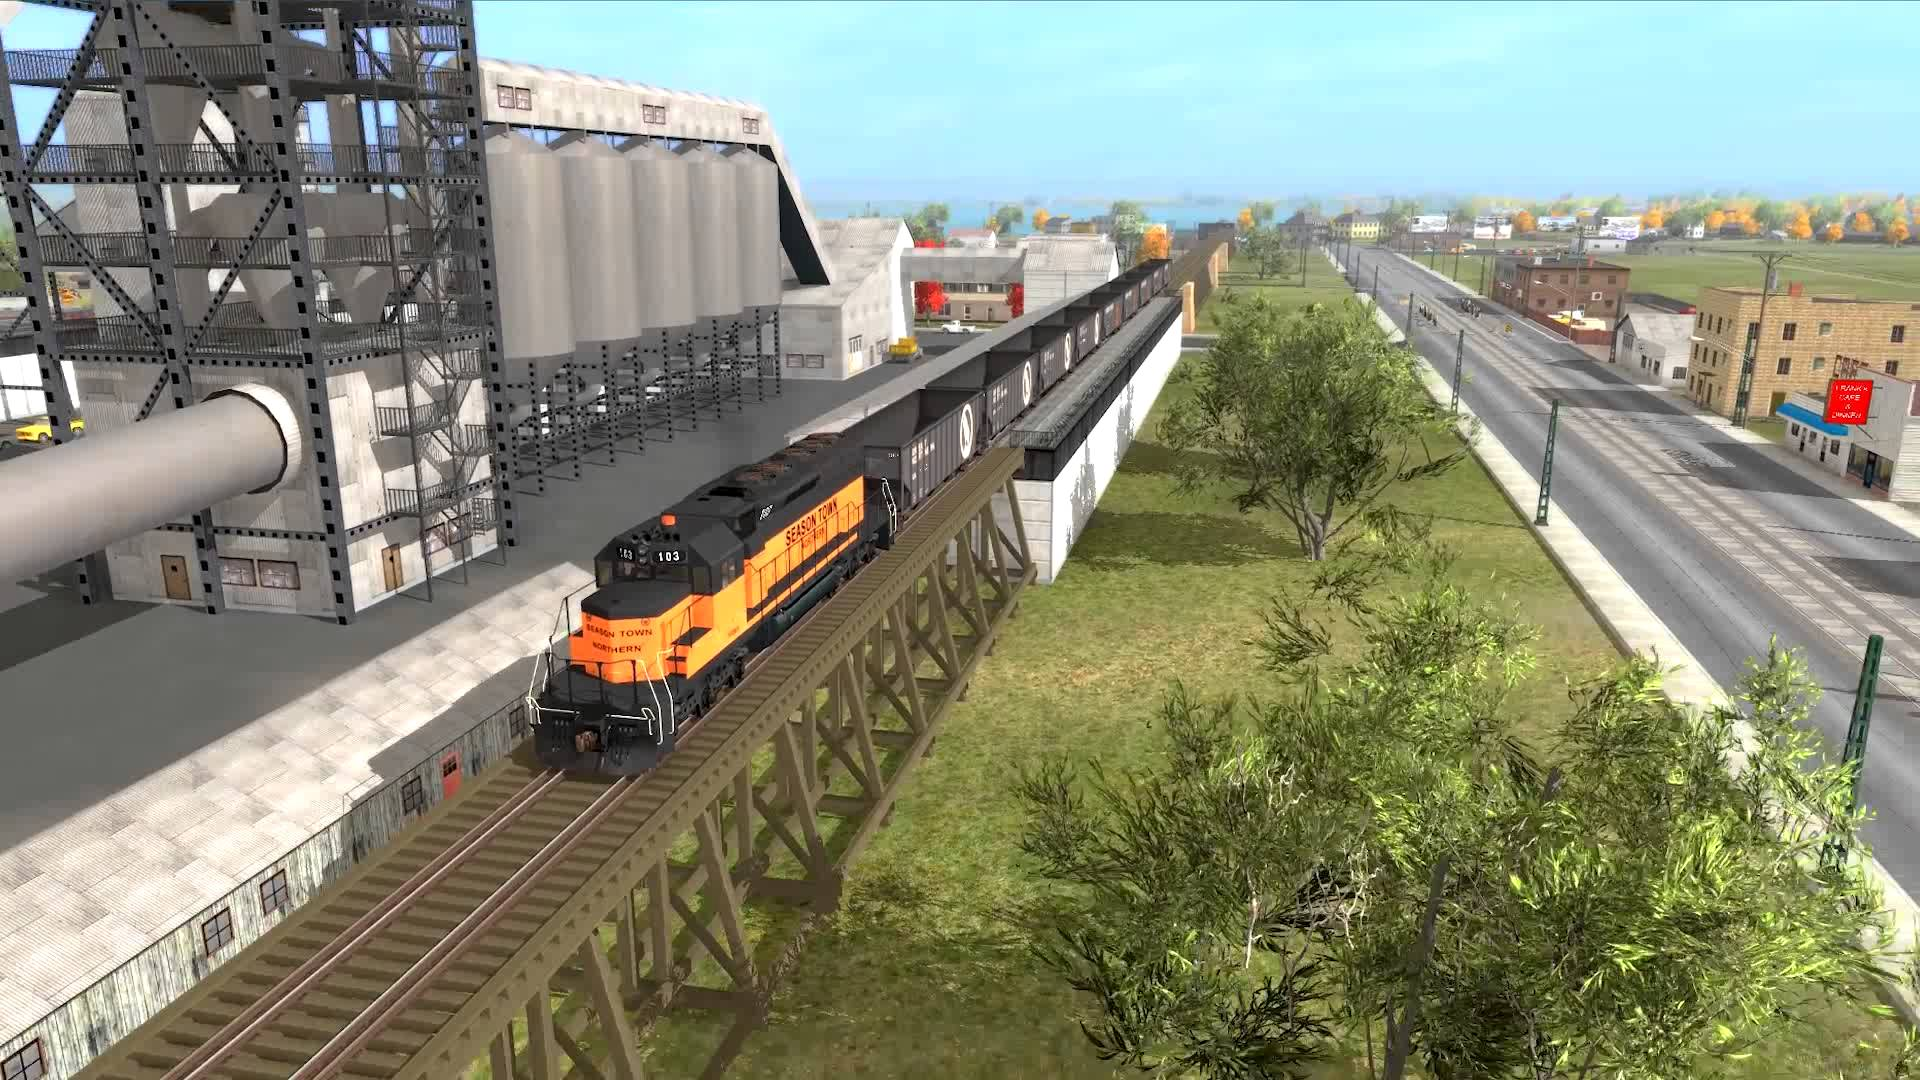 Download Trainz a new era steam